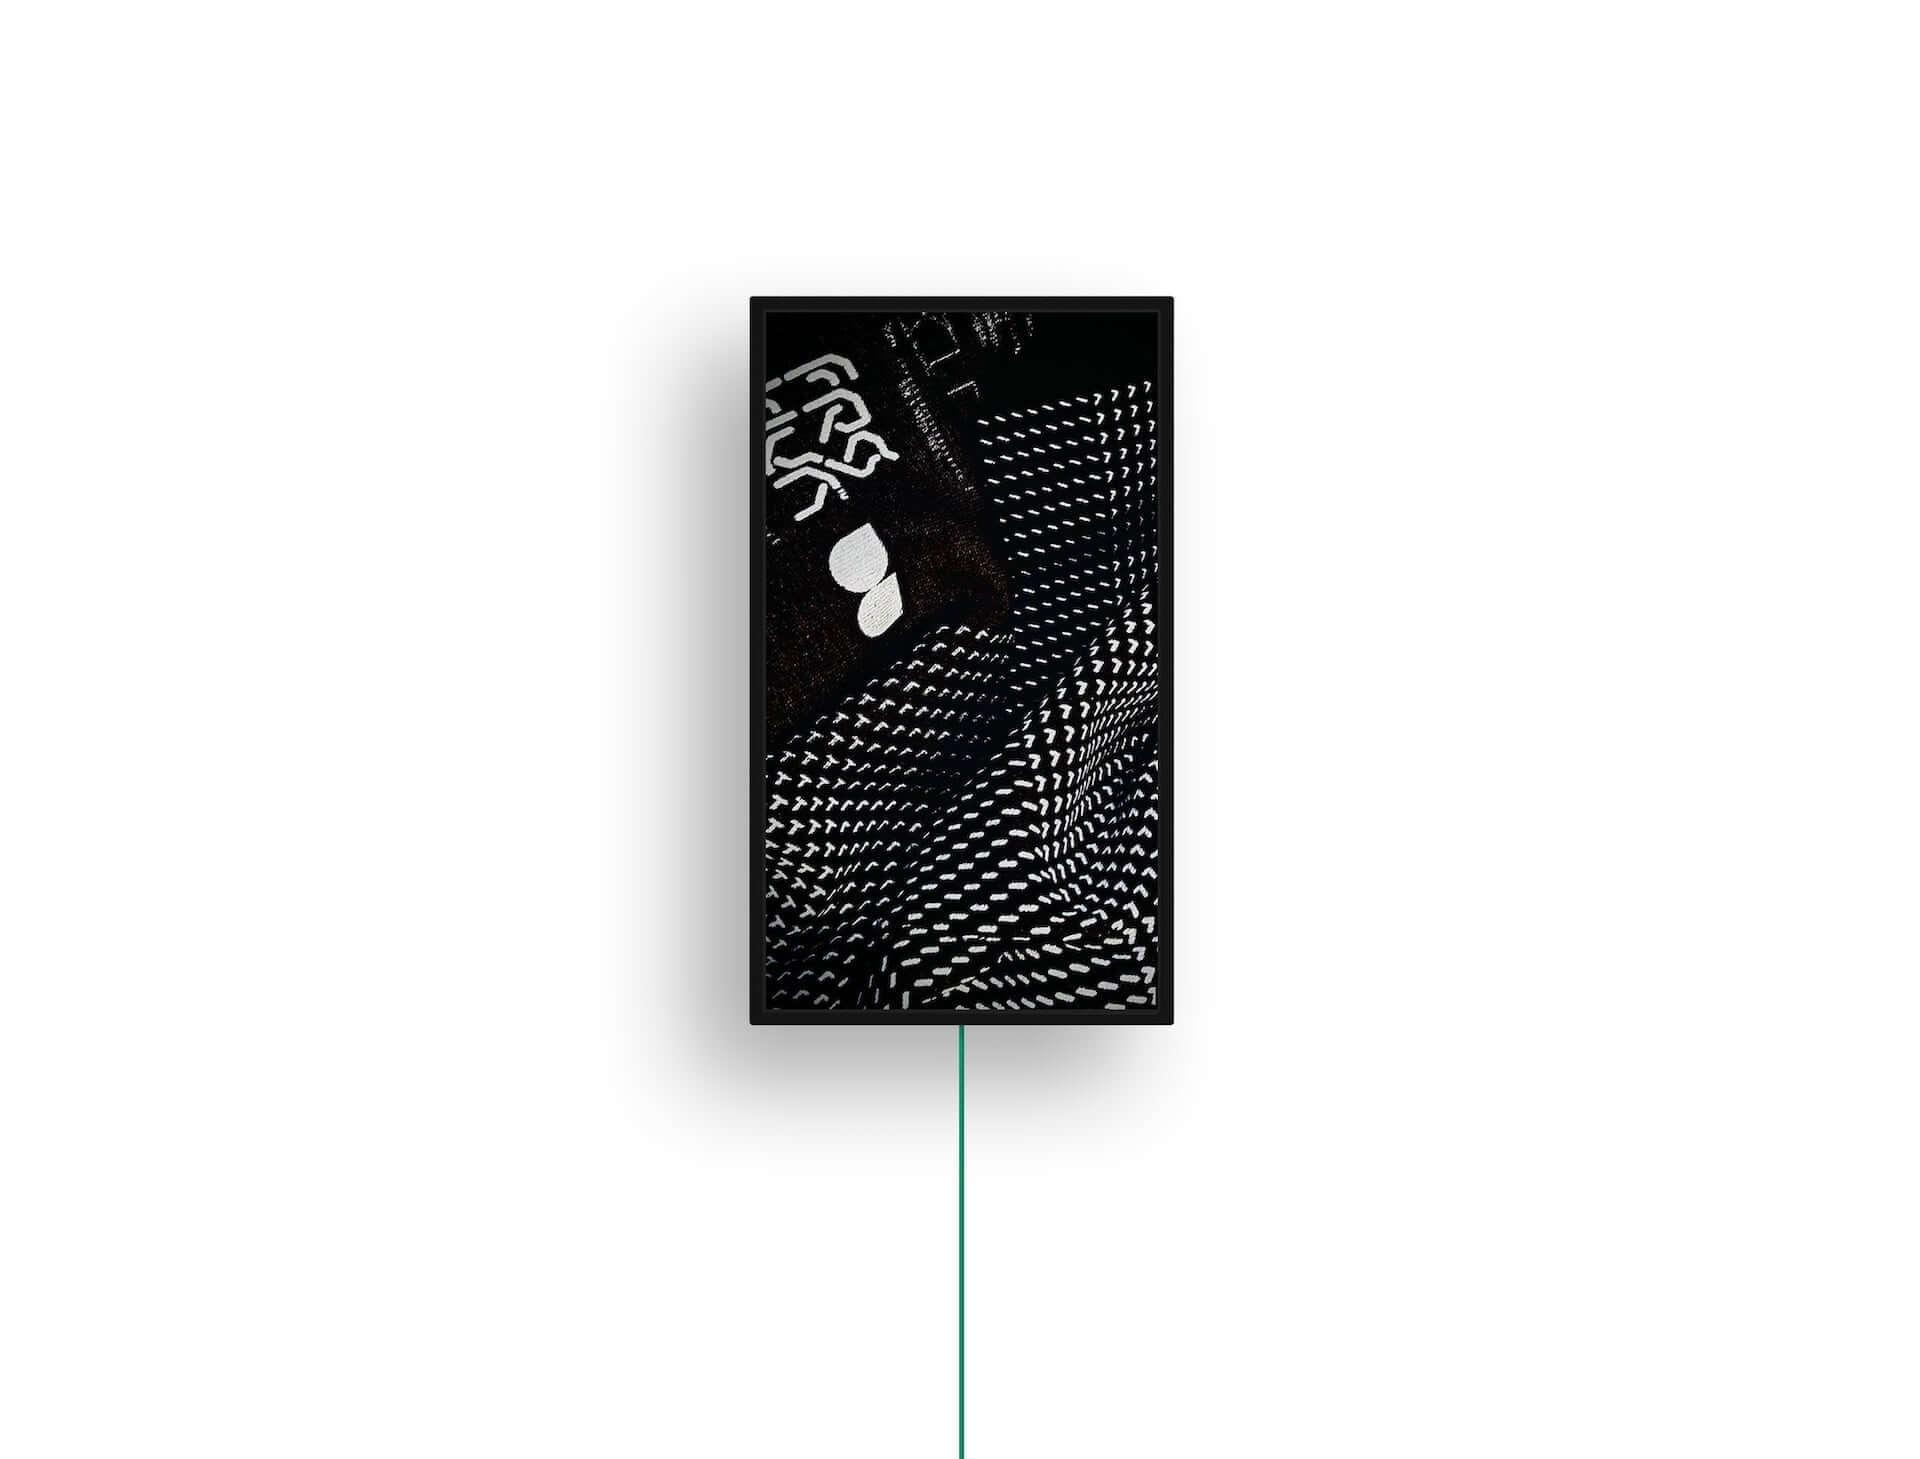 オンラインギャラリーの作品も投影できるデジタルアートフレーム『Mono X7』の予約販売が開始!YOSHIROTTENのコメントも tech200831_mono-x7_8-1920x1459